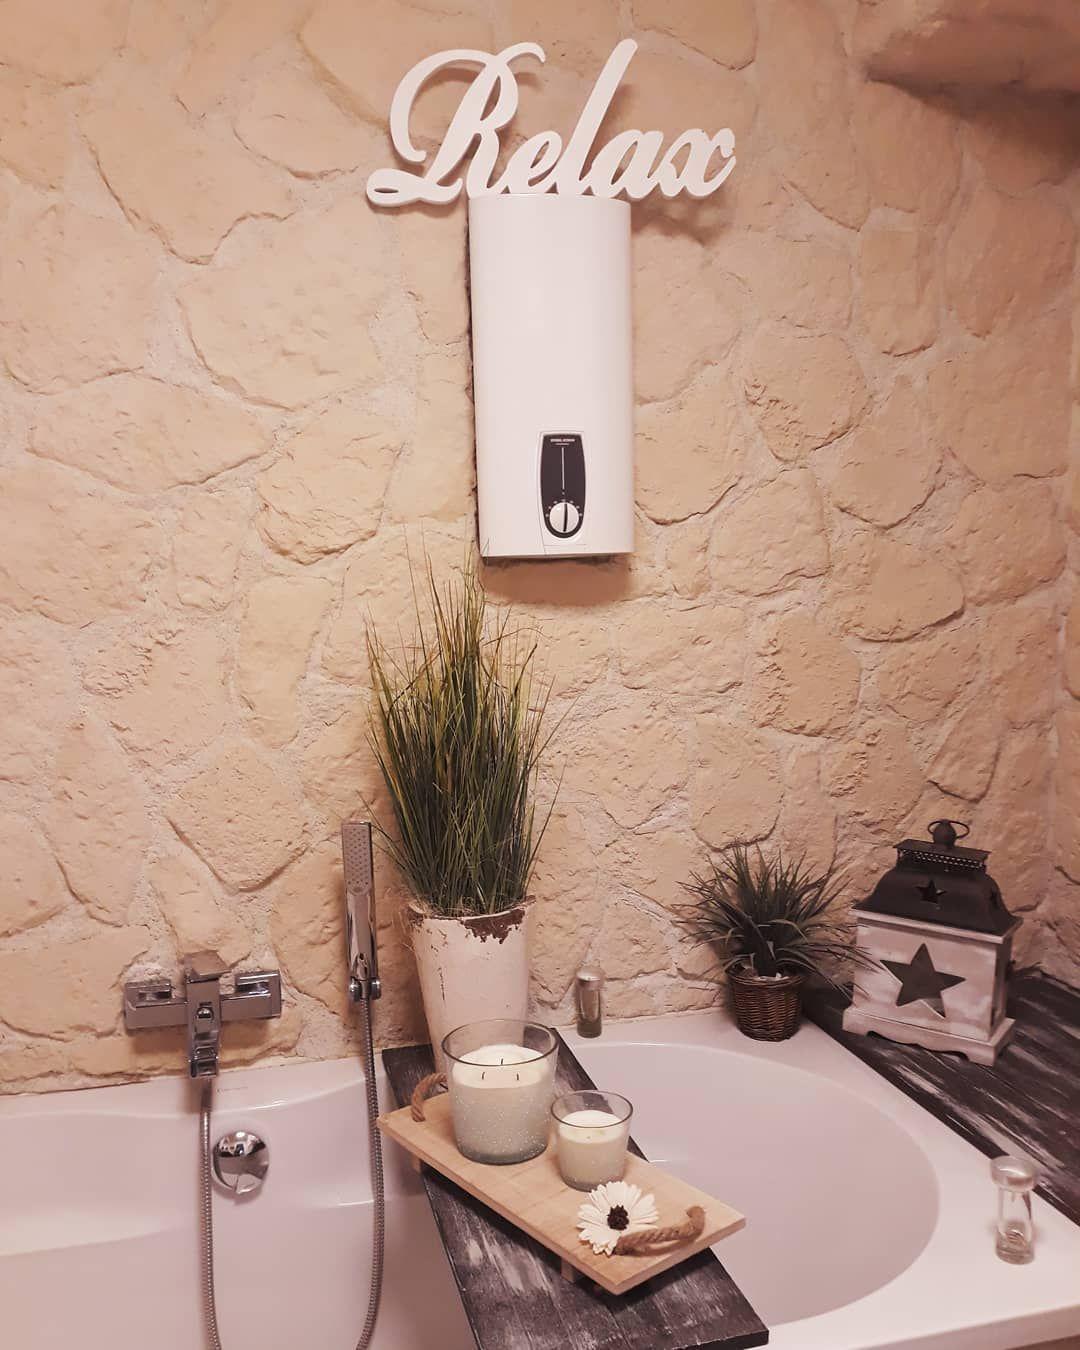 Dekoliebe Dekoideen Dekorieren Dekobeleuchtung Deko Decoration Dekoration Badezimmer Badewanne Badezimmerideen Badezimmerdeko Relaxen Kerze Latern